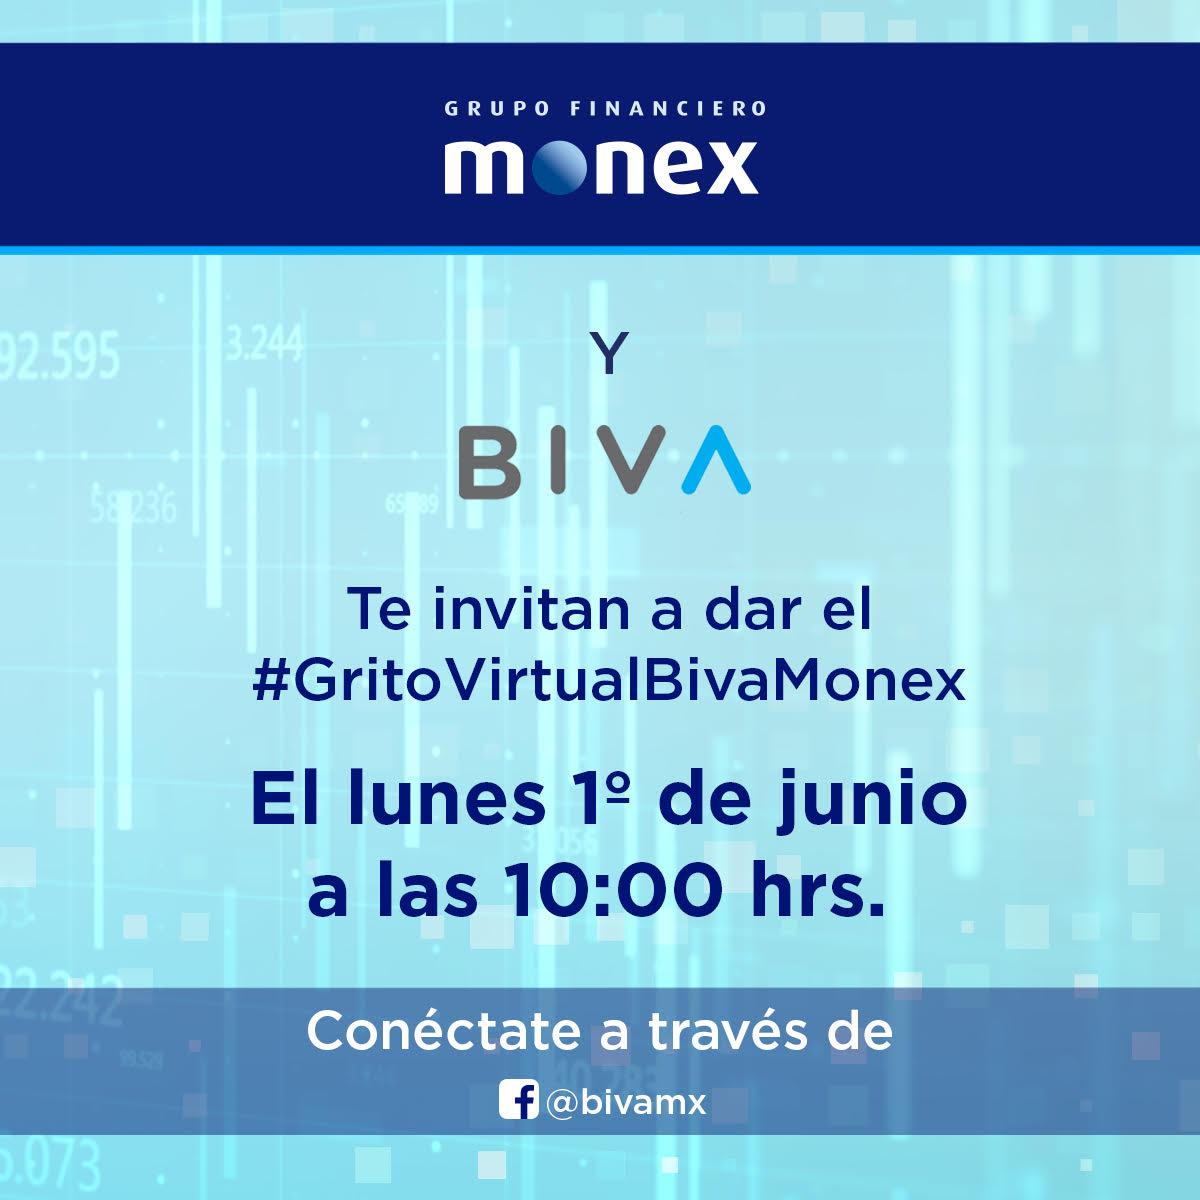 Hoy te invitamos a que nos acompañes al #GritoVirtualBivaMonex. Conéctate a las 10 am a través del #FacebookLive de @BIVAMX y gritemos juntos ¡#BIVAMonex! bit.ly/36K6J9b